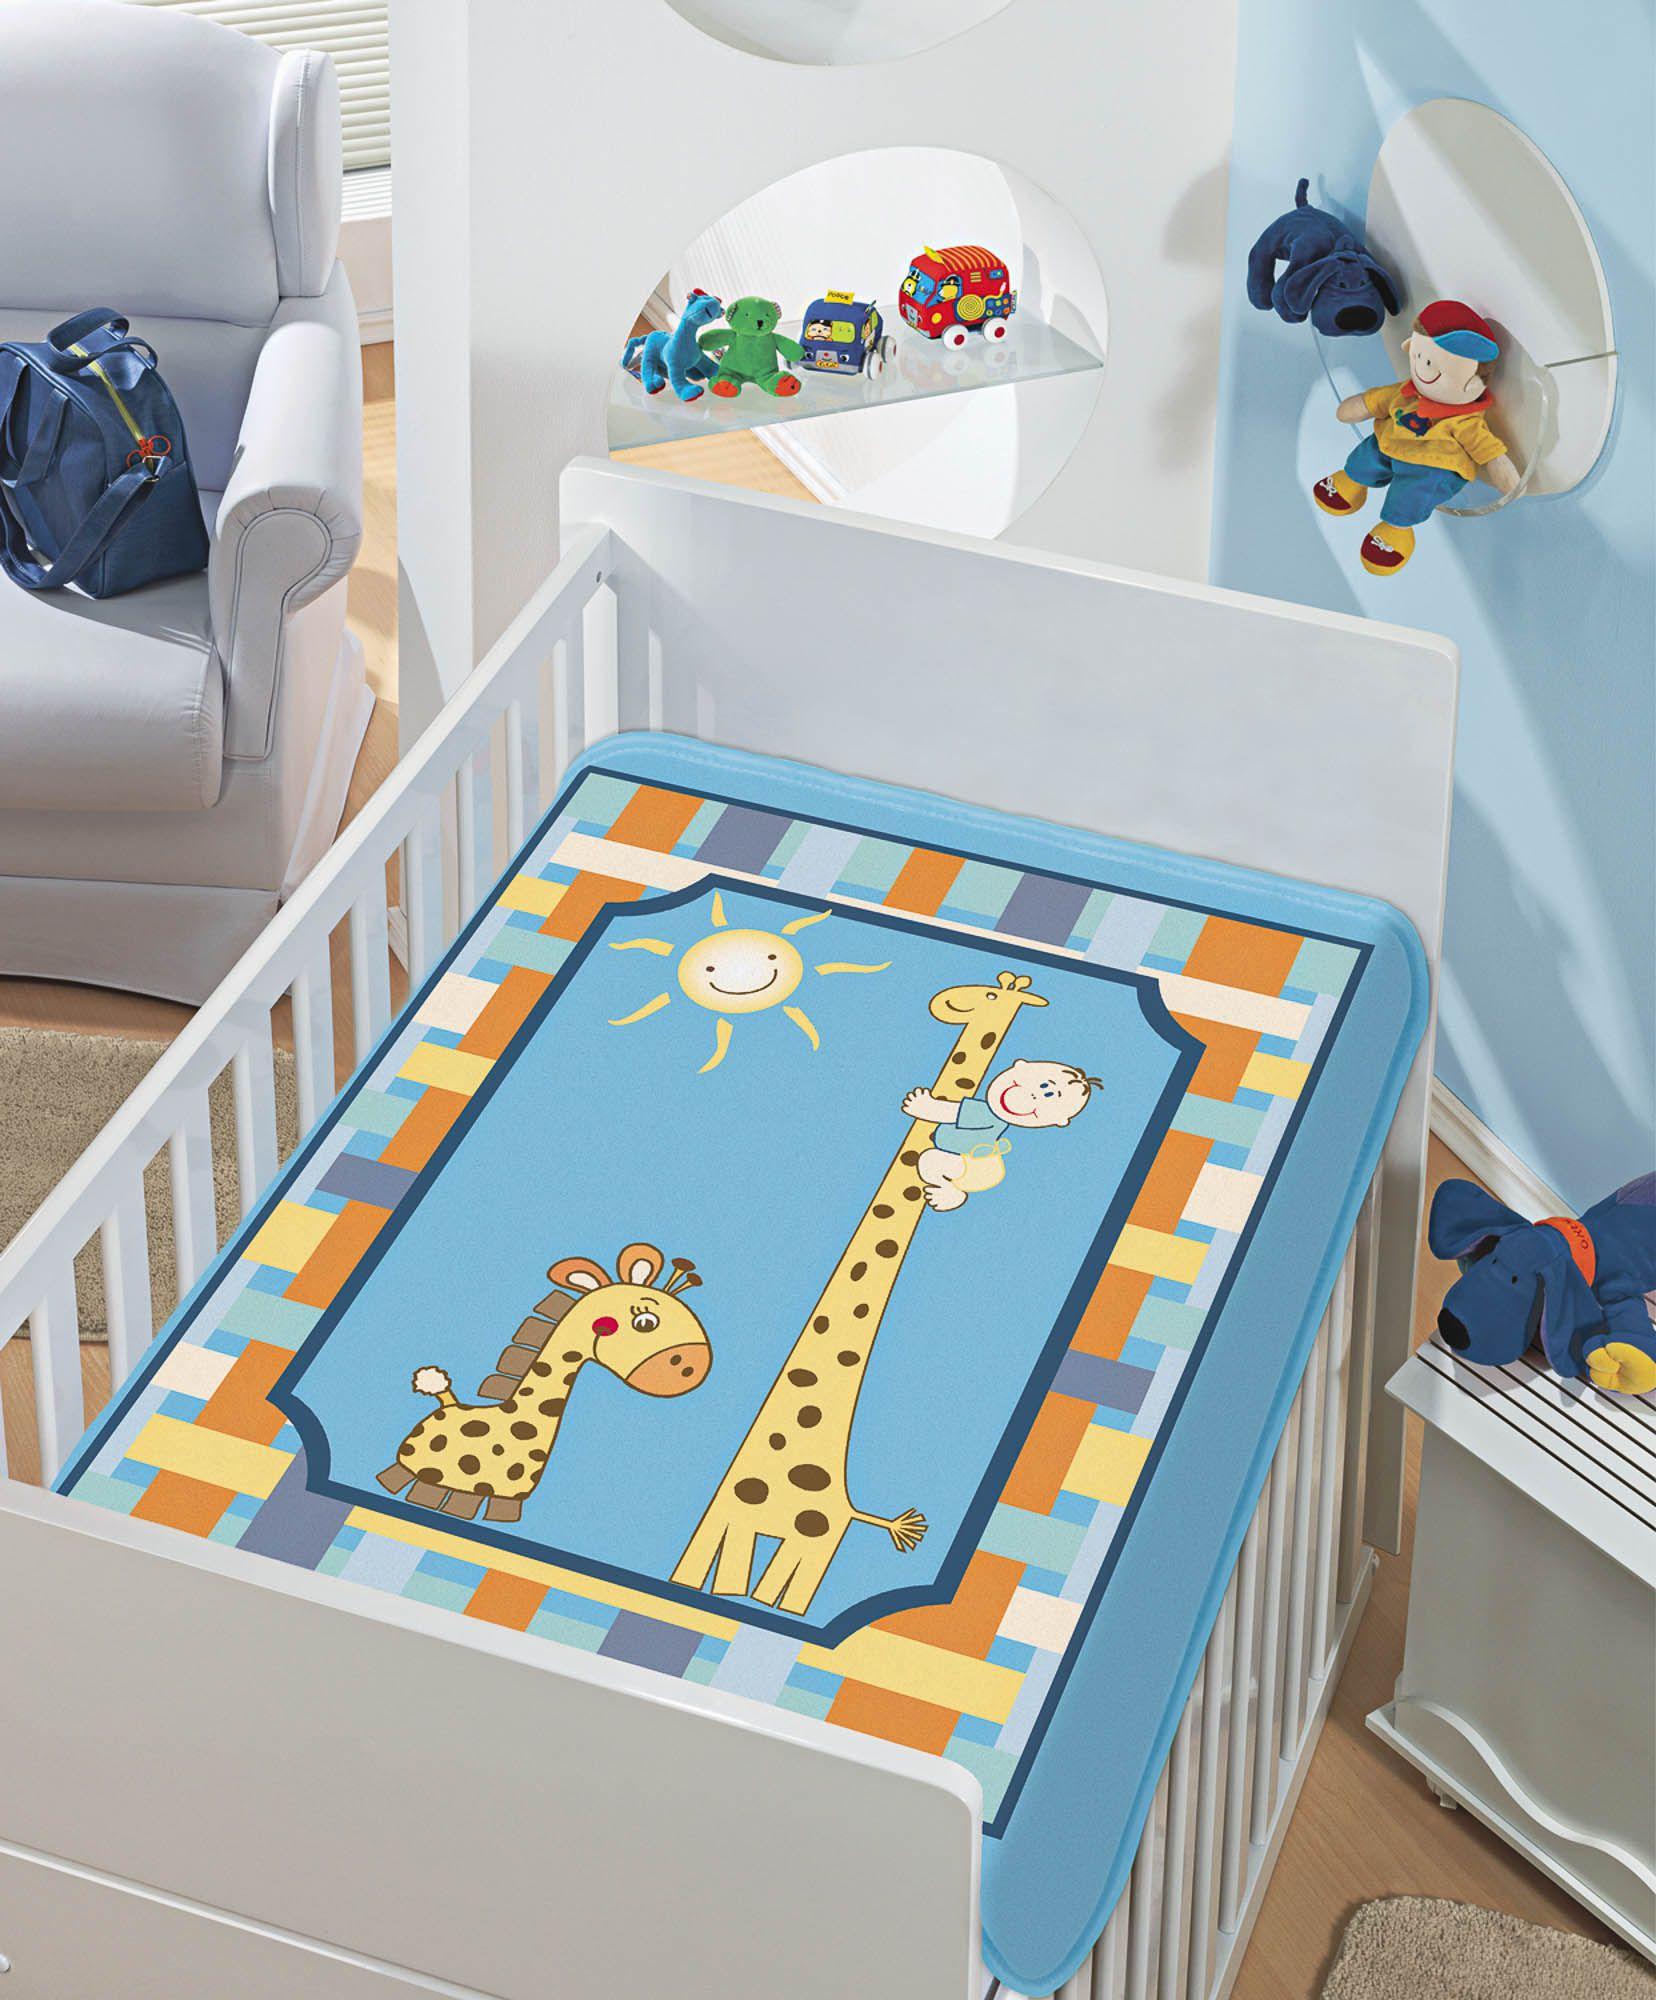 Cobertor Jolitex Raschel Infantil 0,90x1,10m Girafinhas Azul